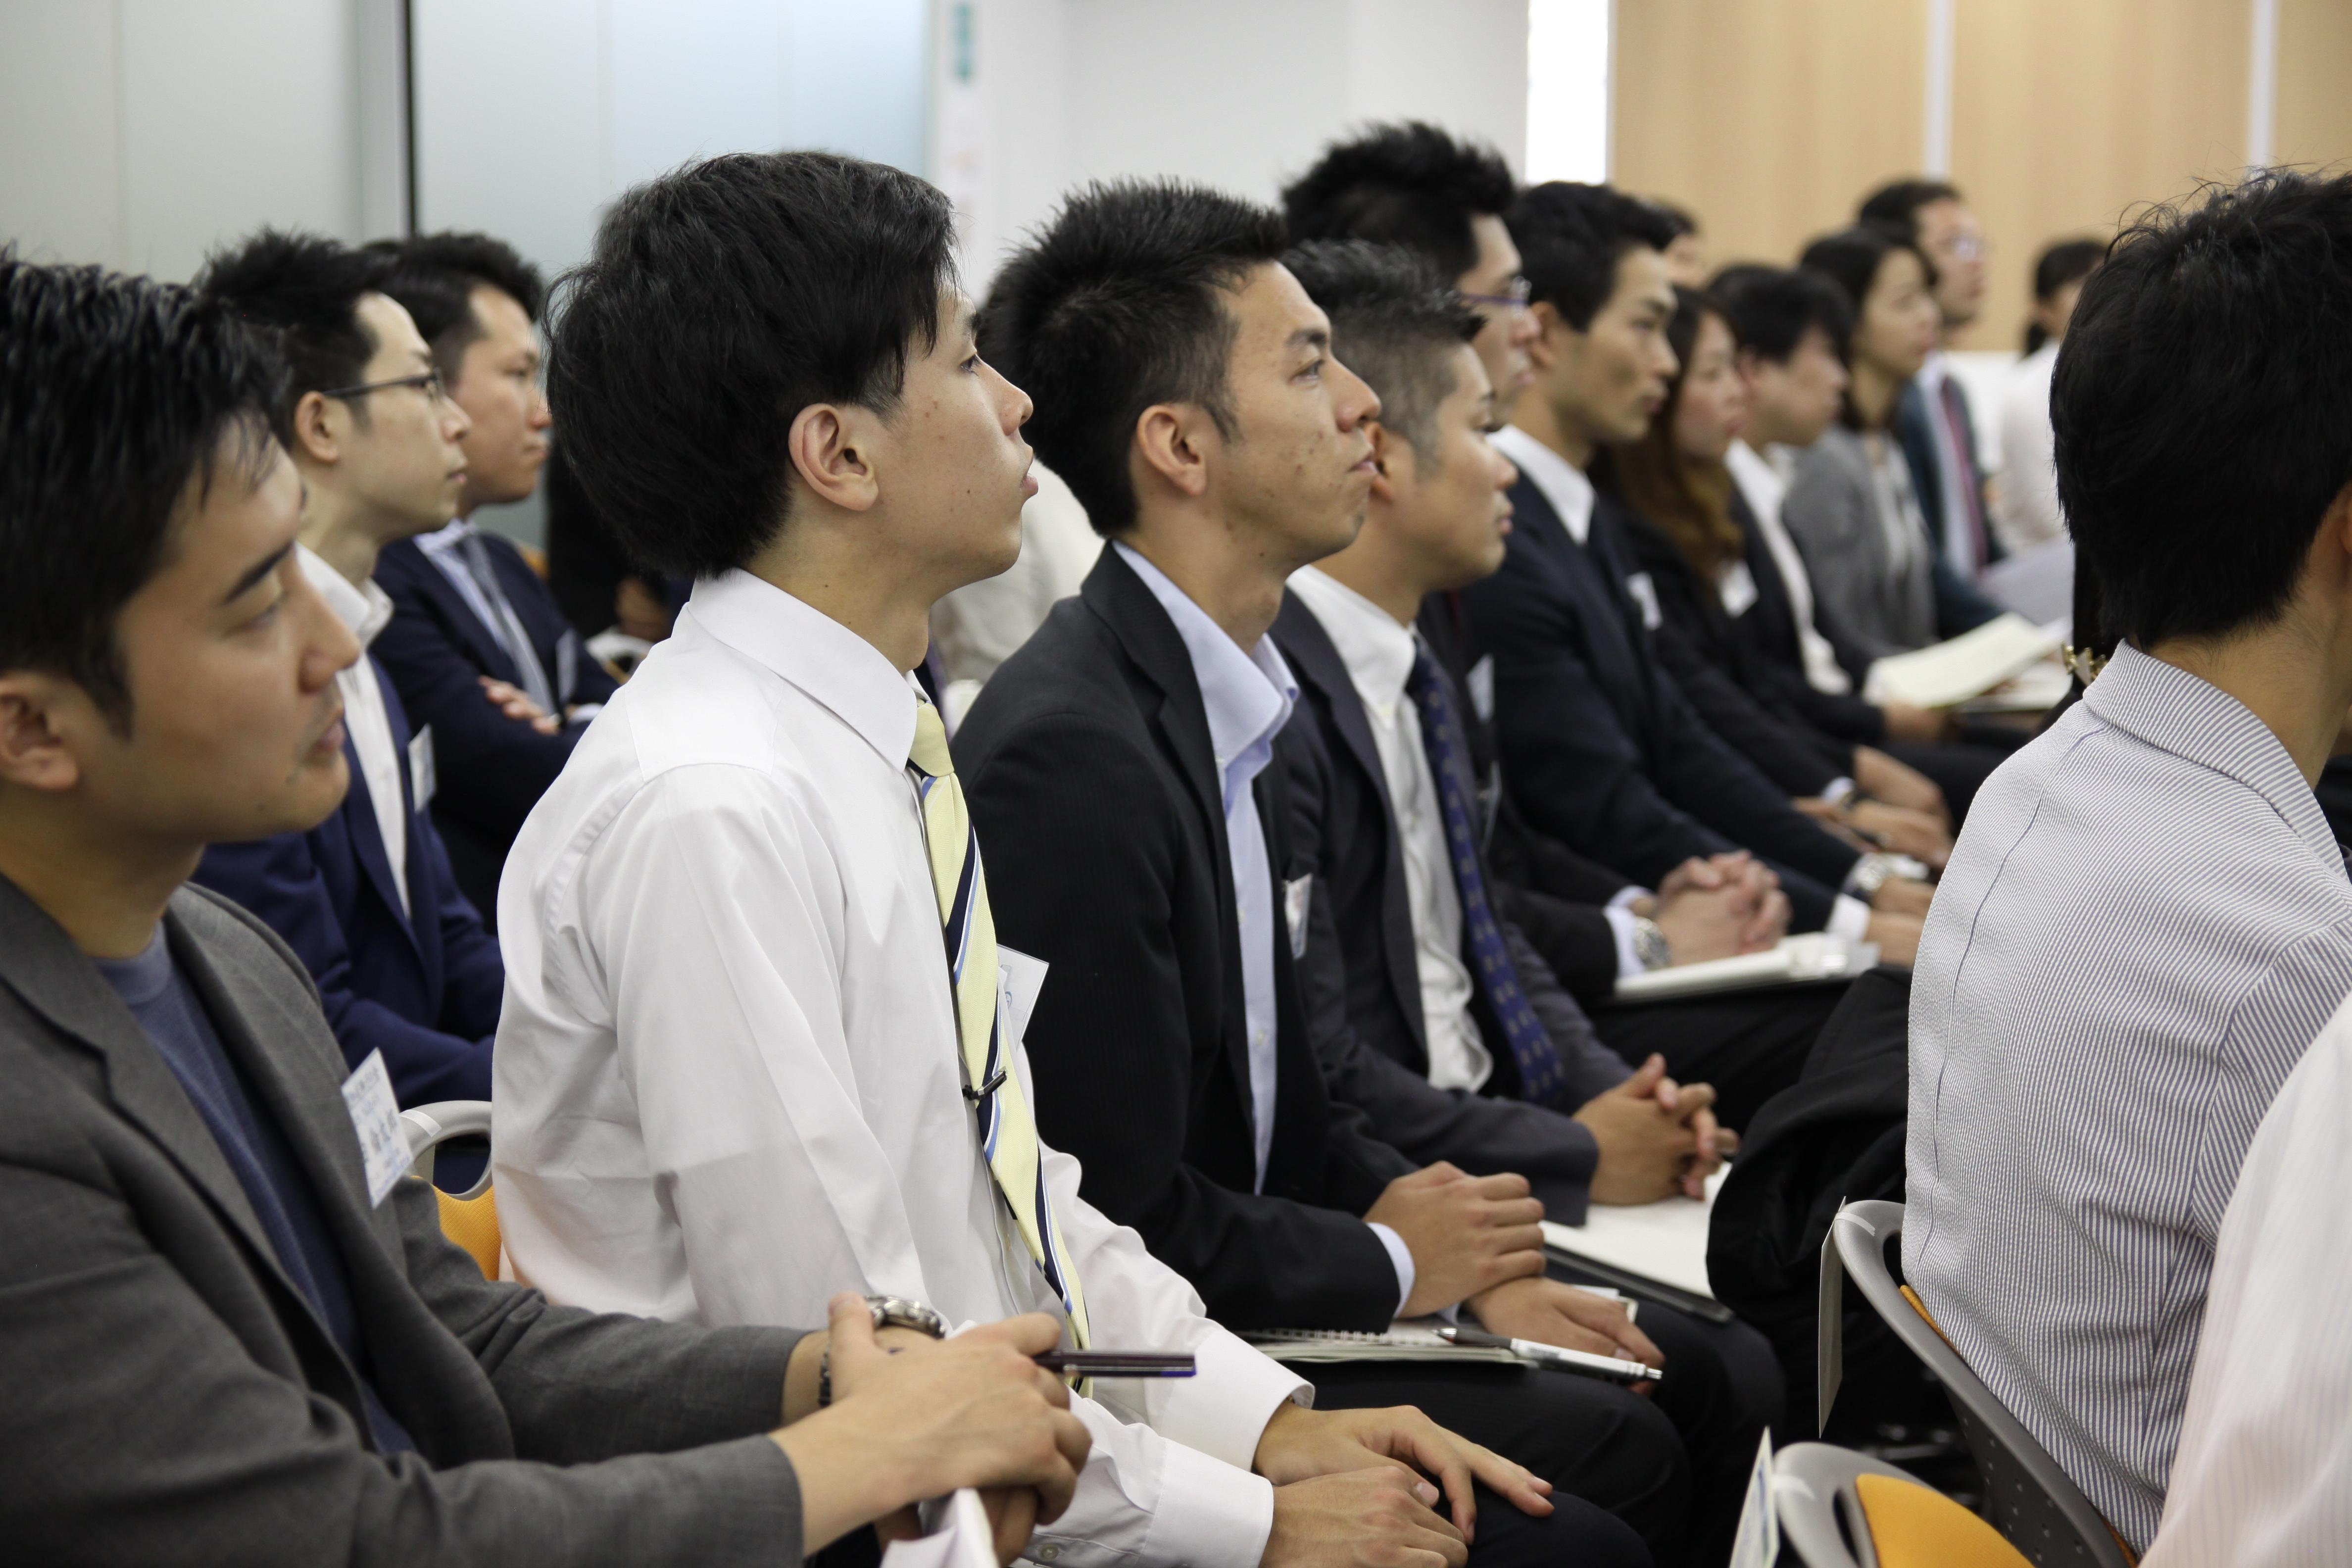 IMG 4704 - 関東若獅子の会、記念すべき第100回